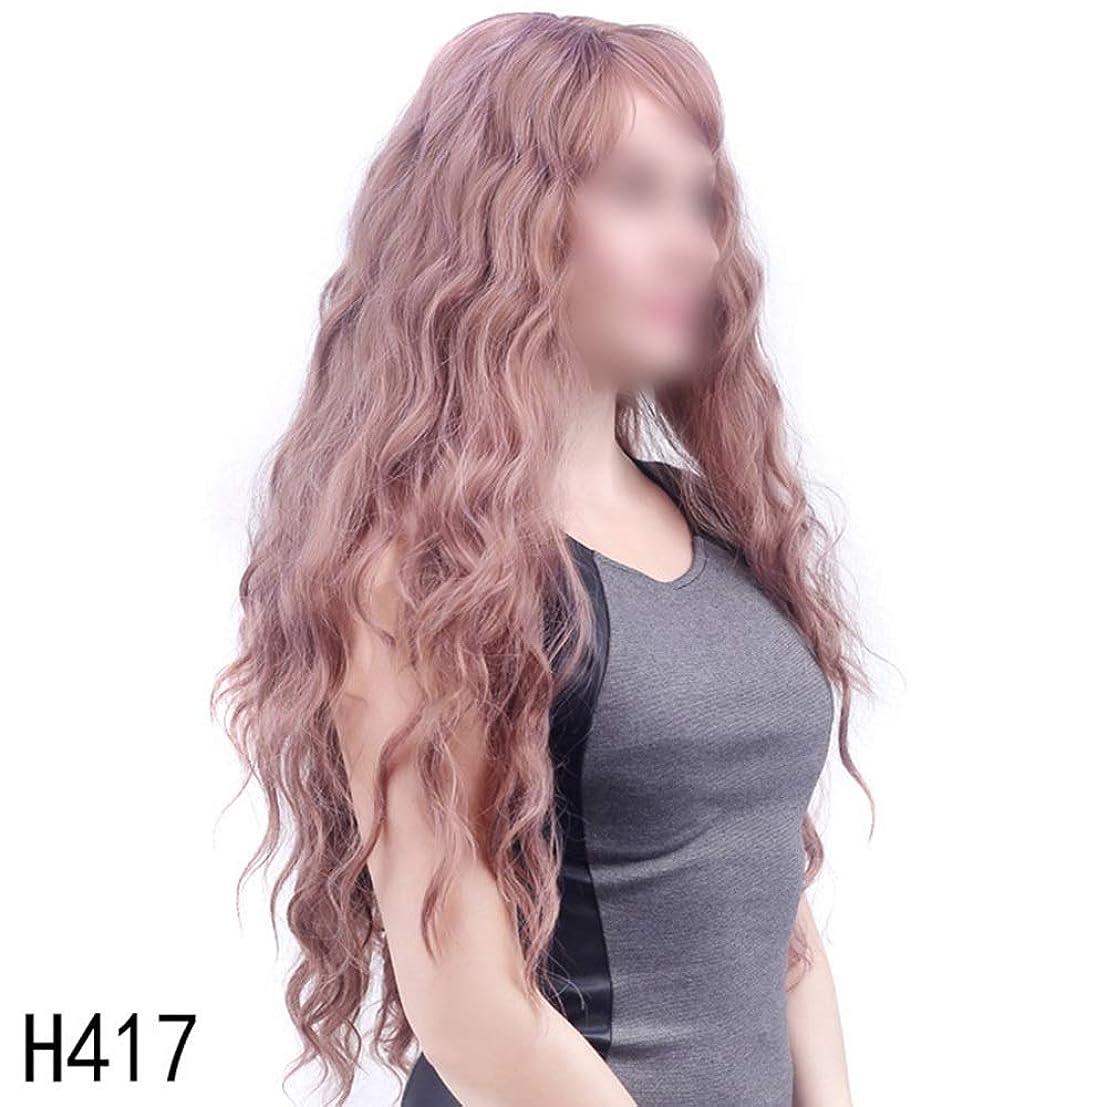 安らぎ長方形チャレンジHOHYLLYA 女性の水の波紋との長い巻き毛の前髪かつら自然なふわふわの毎日のドレスパーティーかつら (色 : 淡い茶色, サイズ : 70cm)